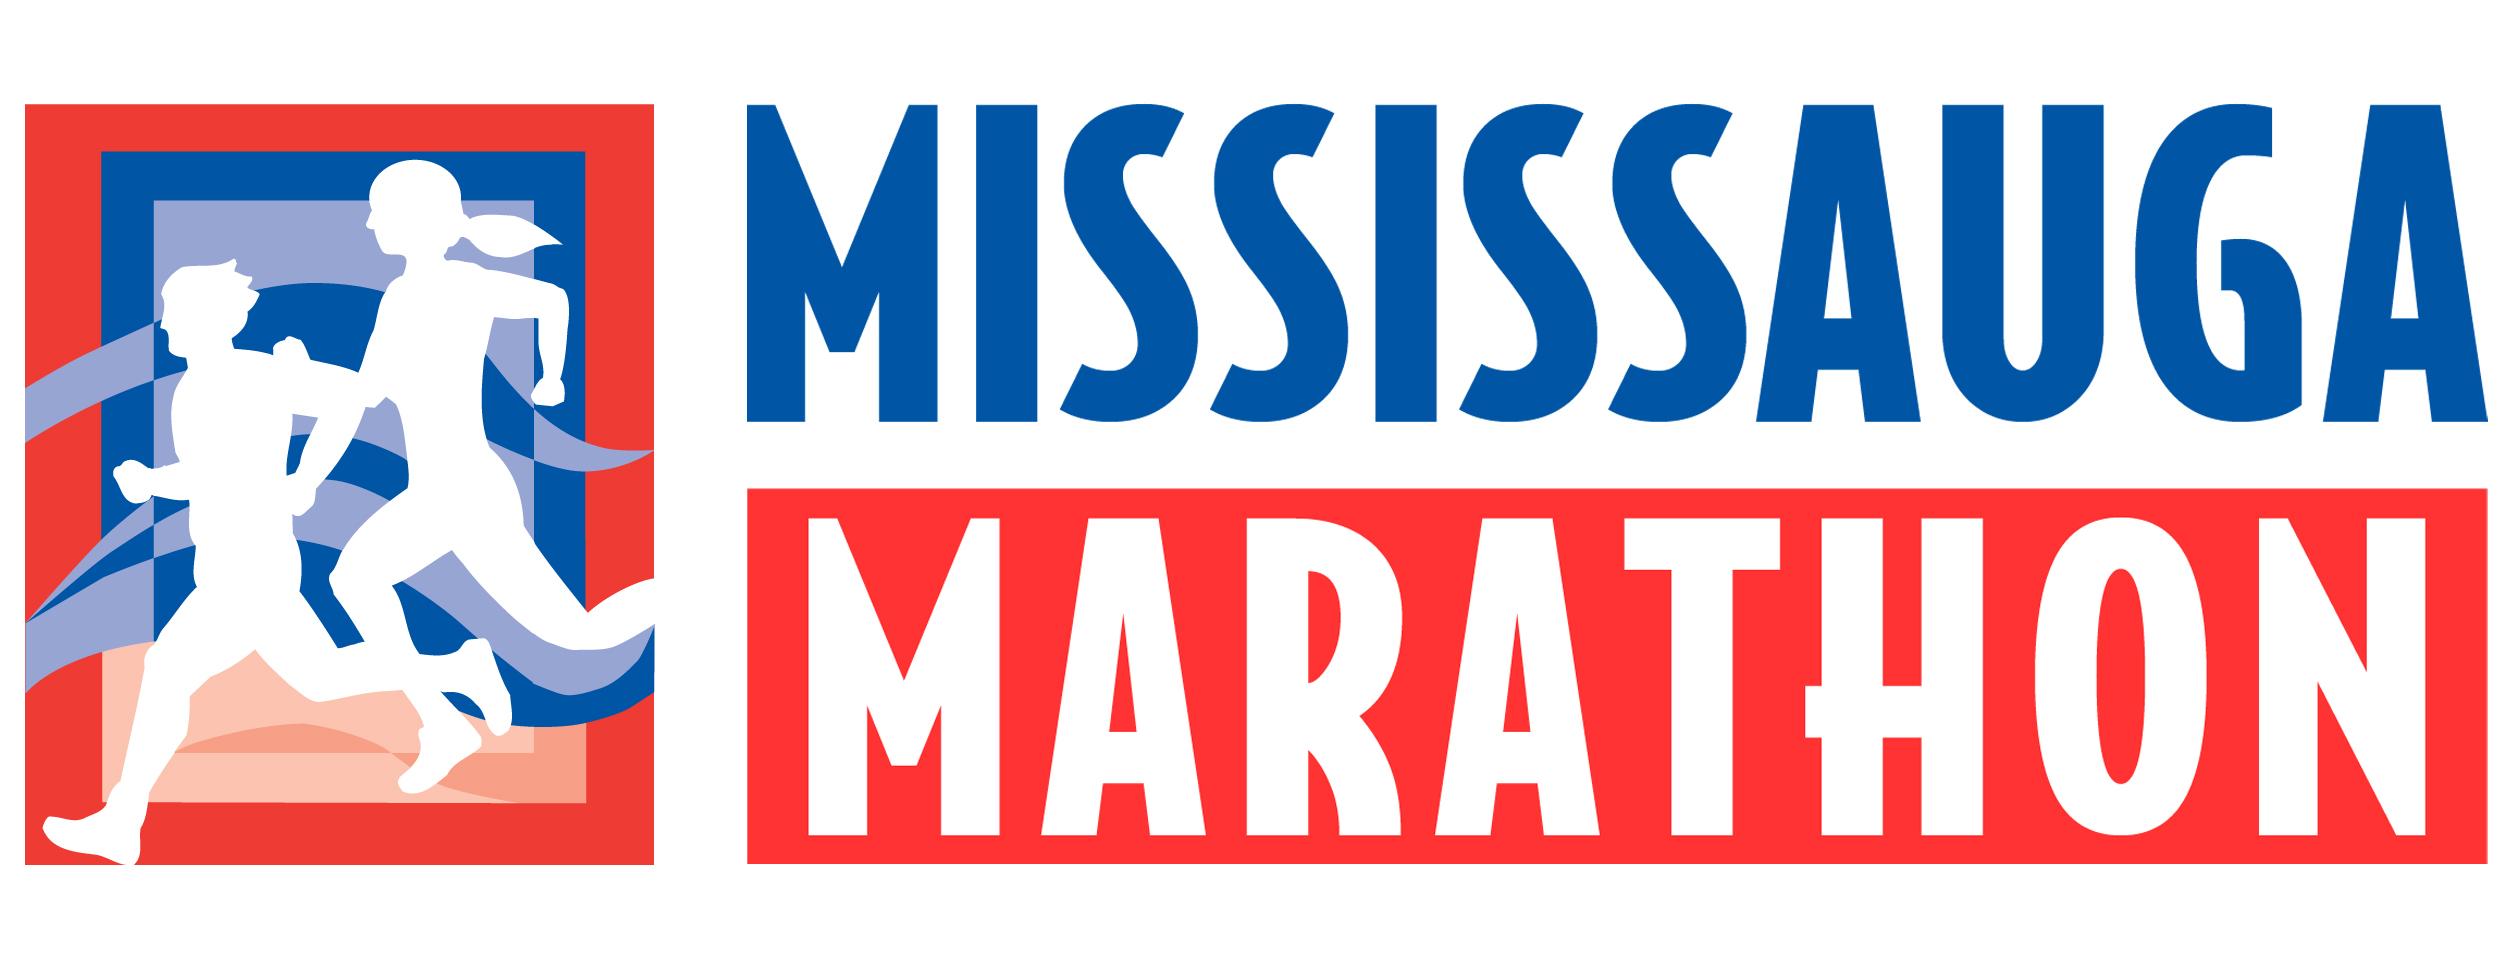 Miss Marathon2020banner